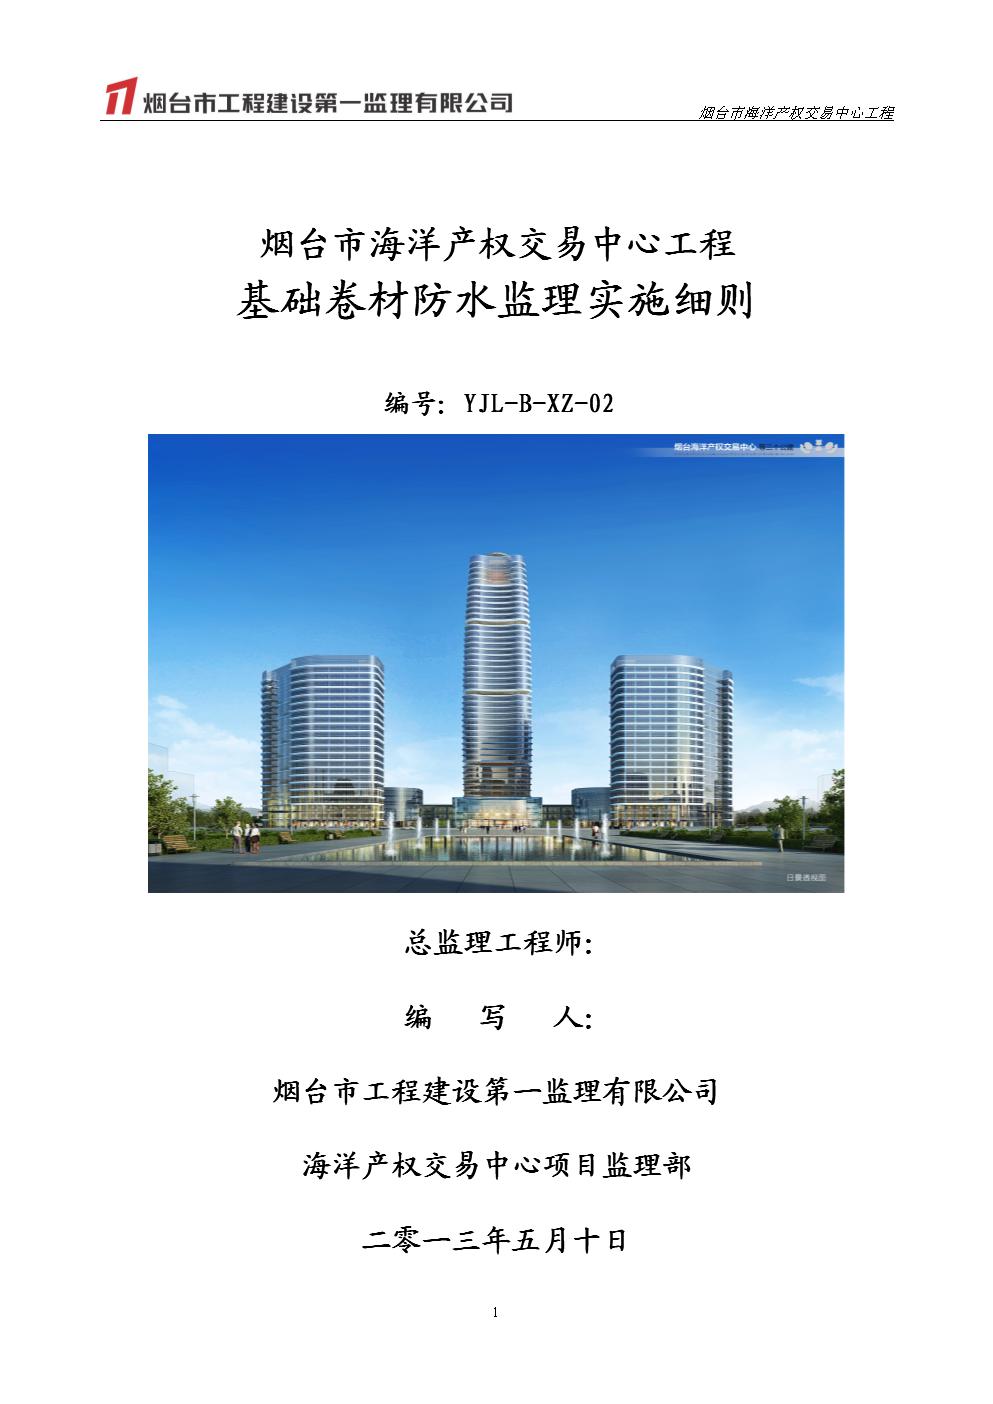 海交中心工程防水分项监理细则.doc